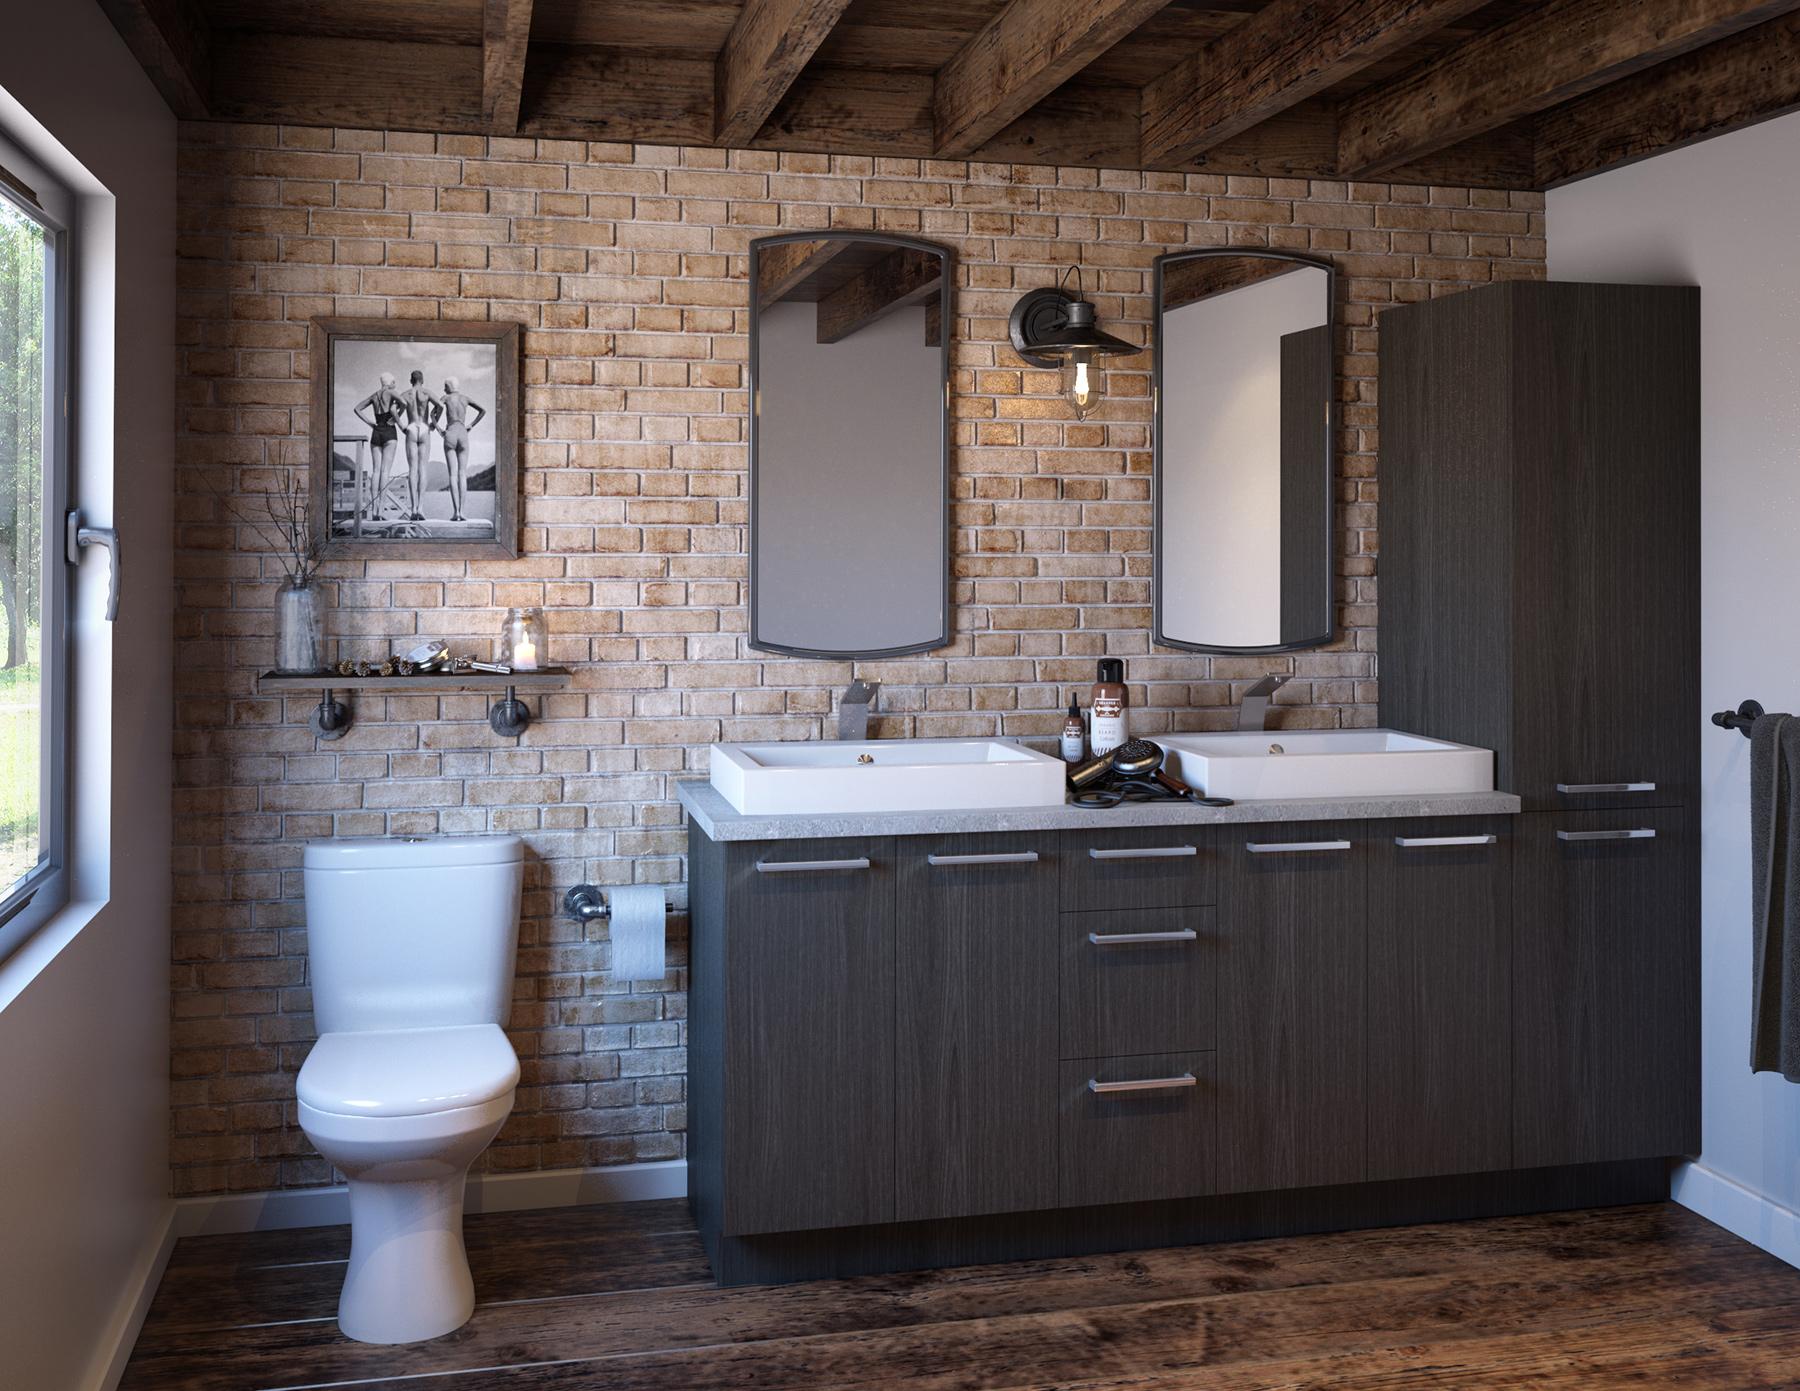 Salle De Bain Avec Douche Et Baignoire D'Angle ~ armoires salle de bain 3d industriel illustration 3d photor aliste